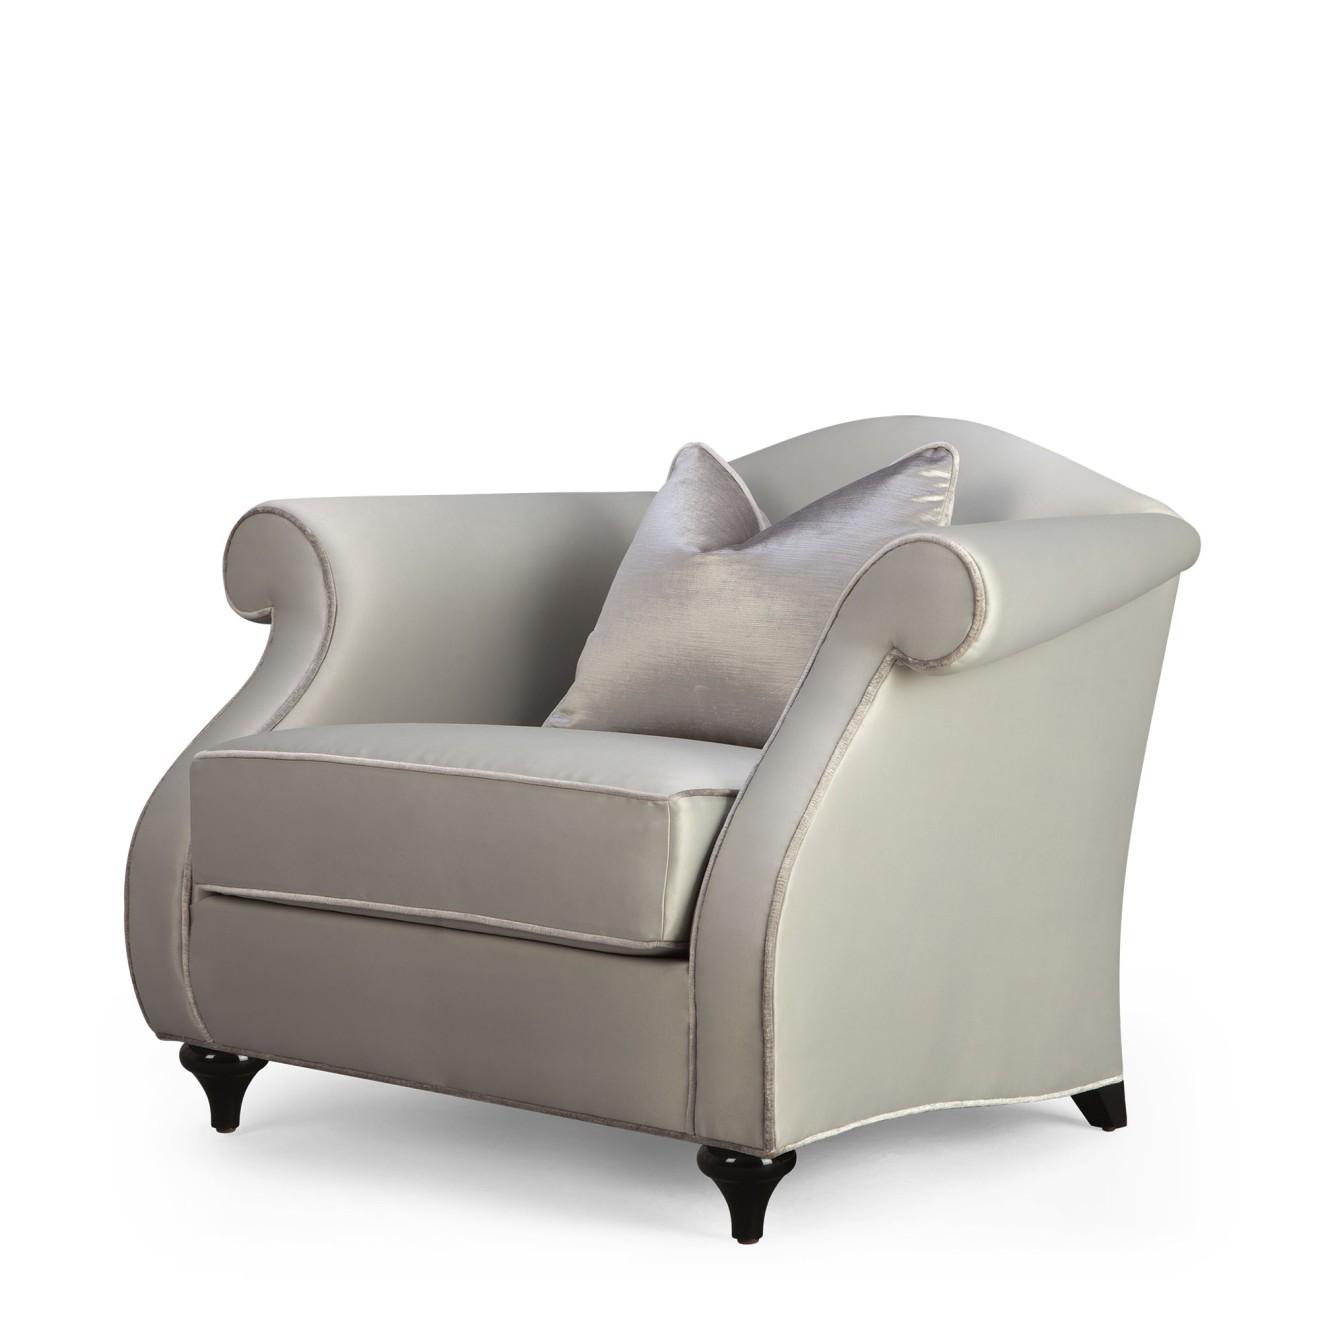 Faszinierend Ausgefallene Sessel Dekoration Von CÈzanne